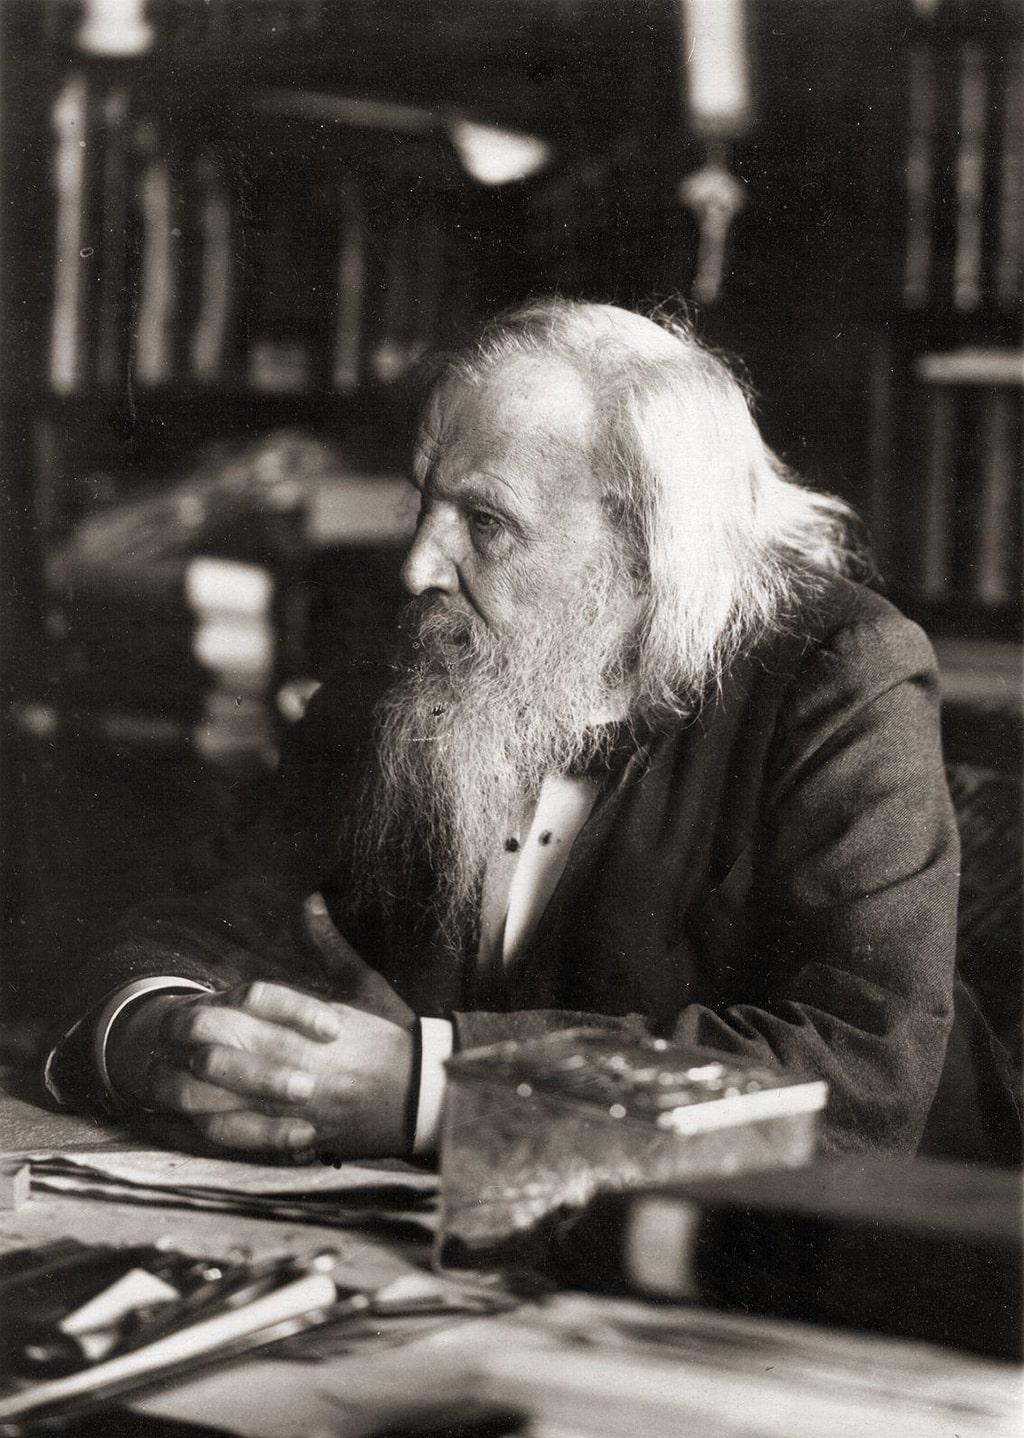 foto-mendeleeva-11